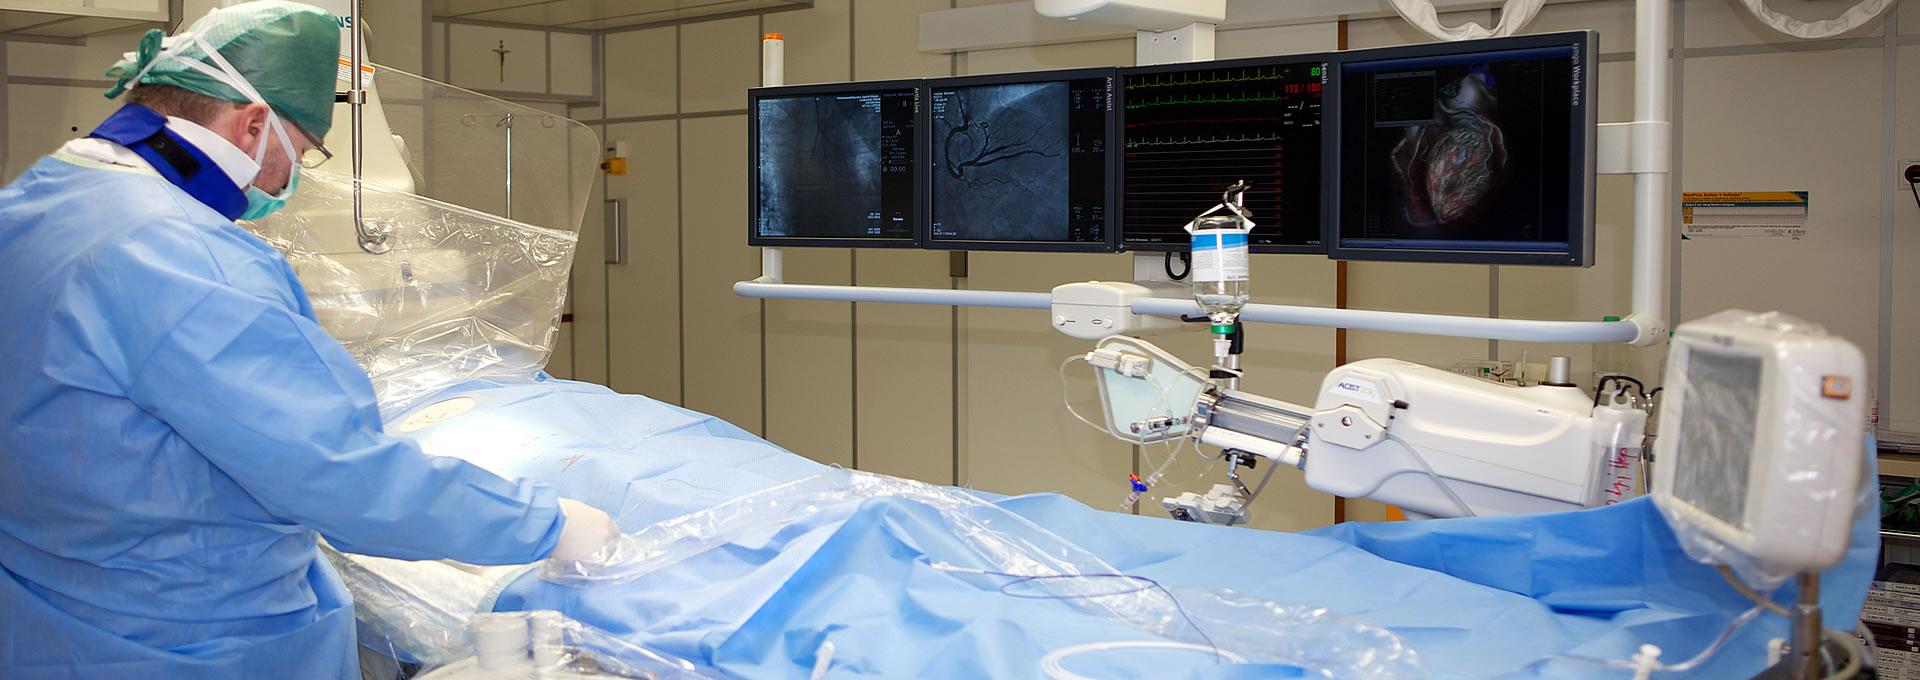 Zdjecie z zabiegu operacyjnego kardiologicznego